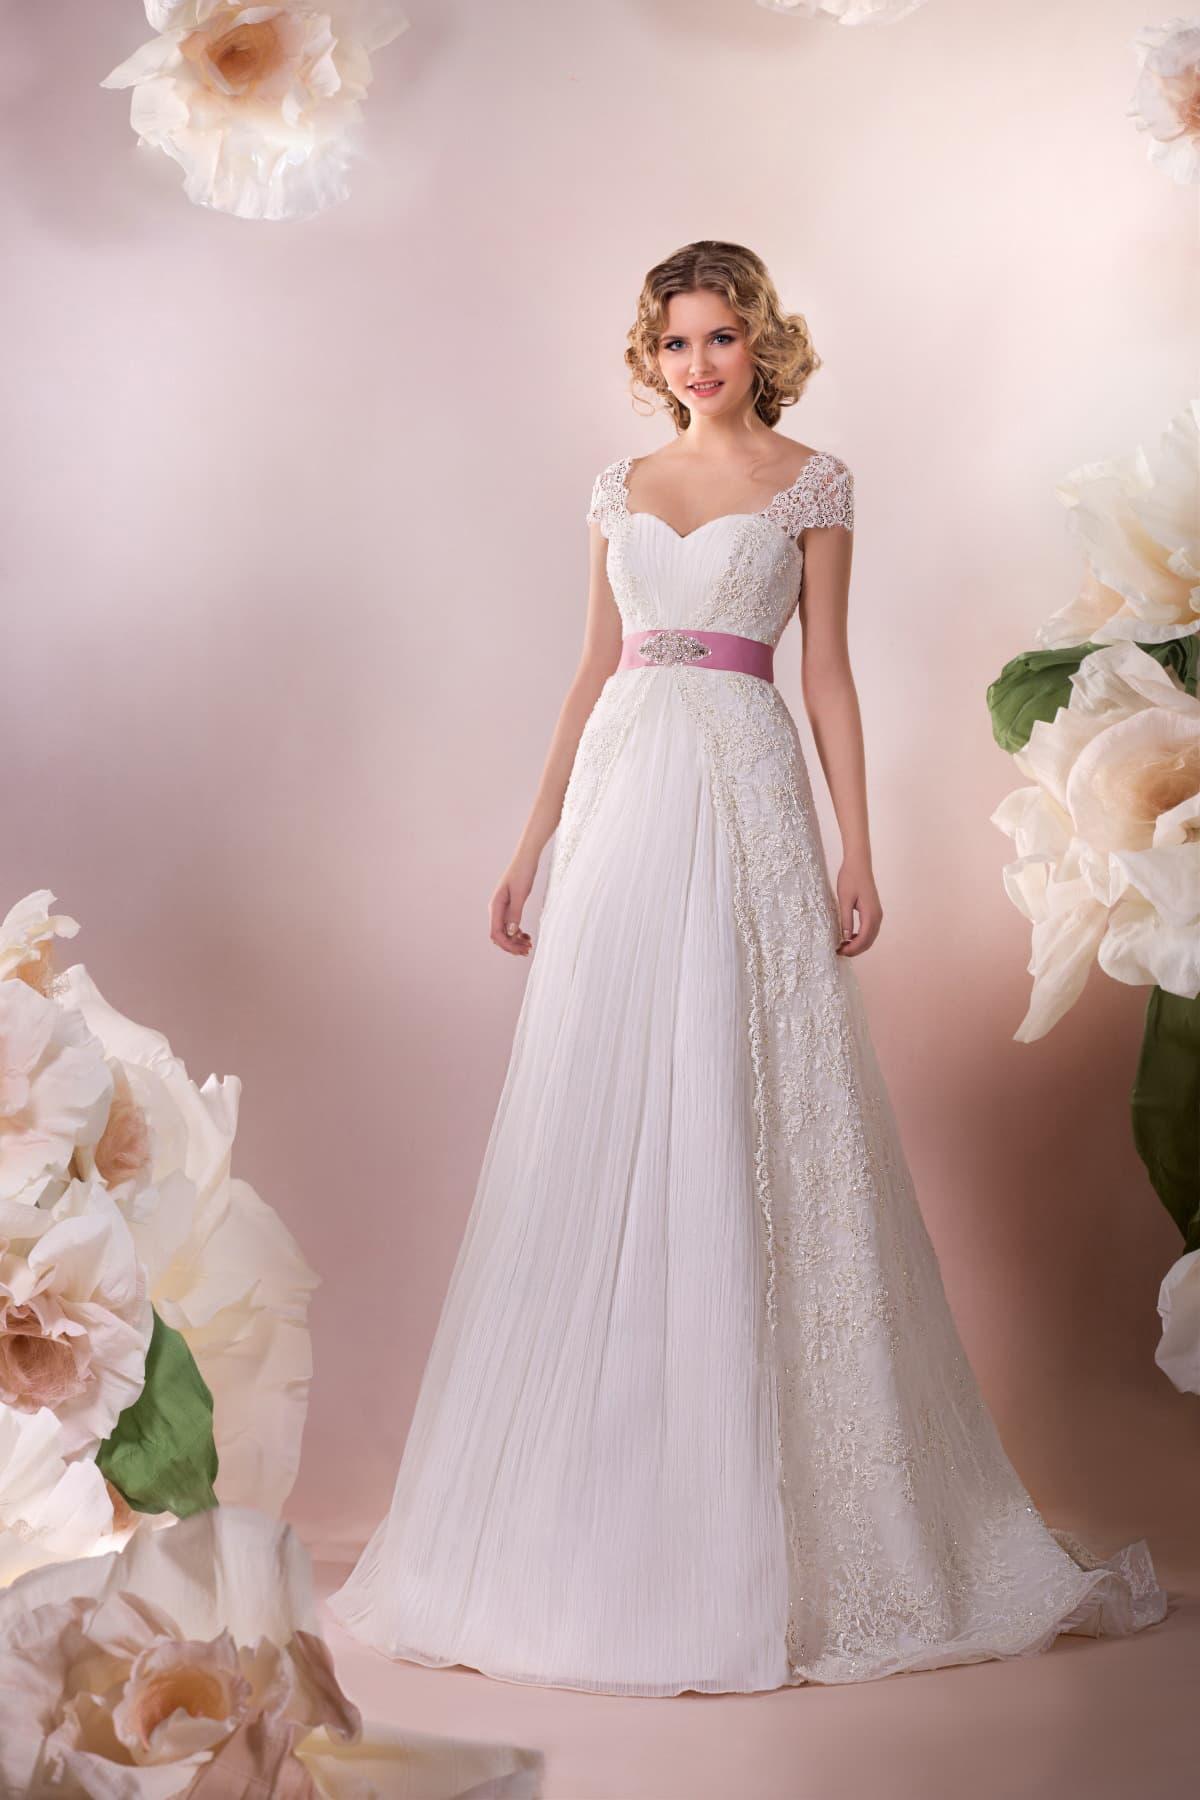 356de2533a9 Изысканное свадебное платье с короткими кружевными рукавами и розовым  атласным поясом.